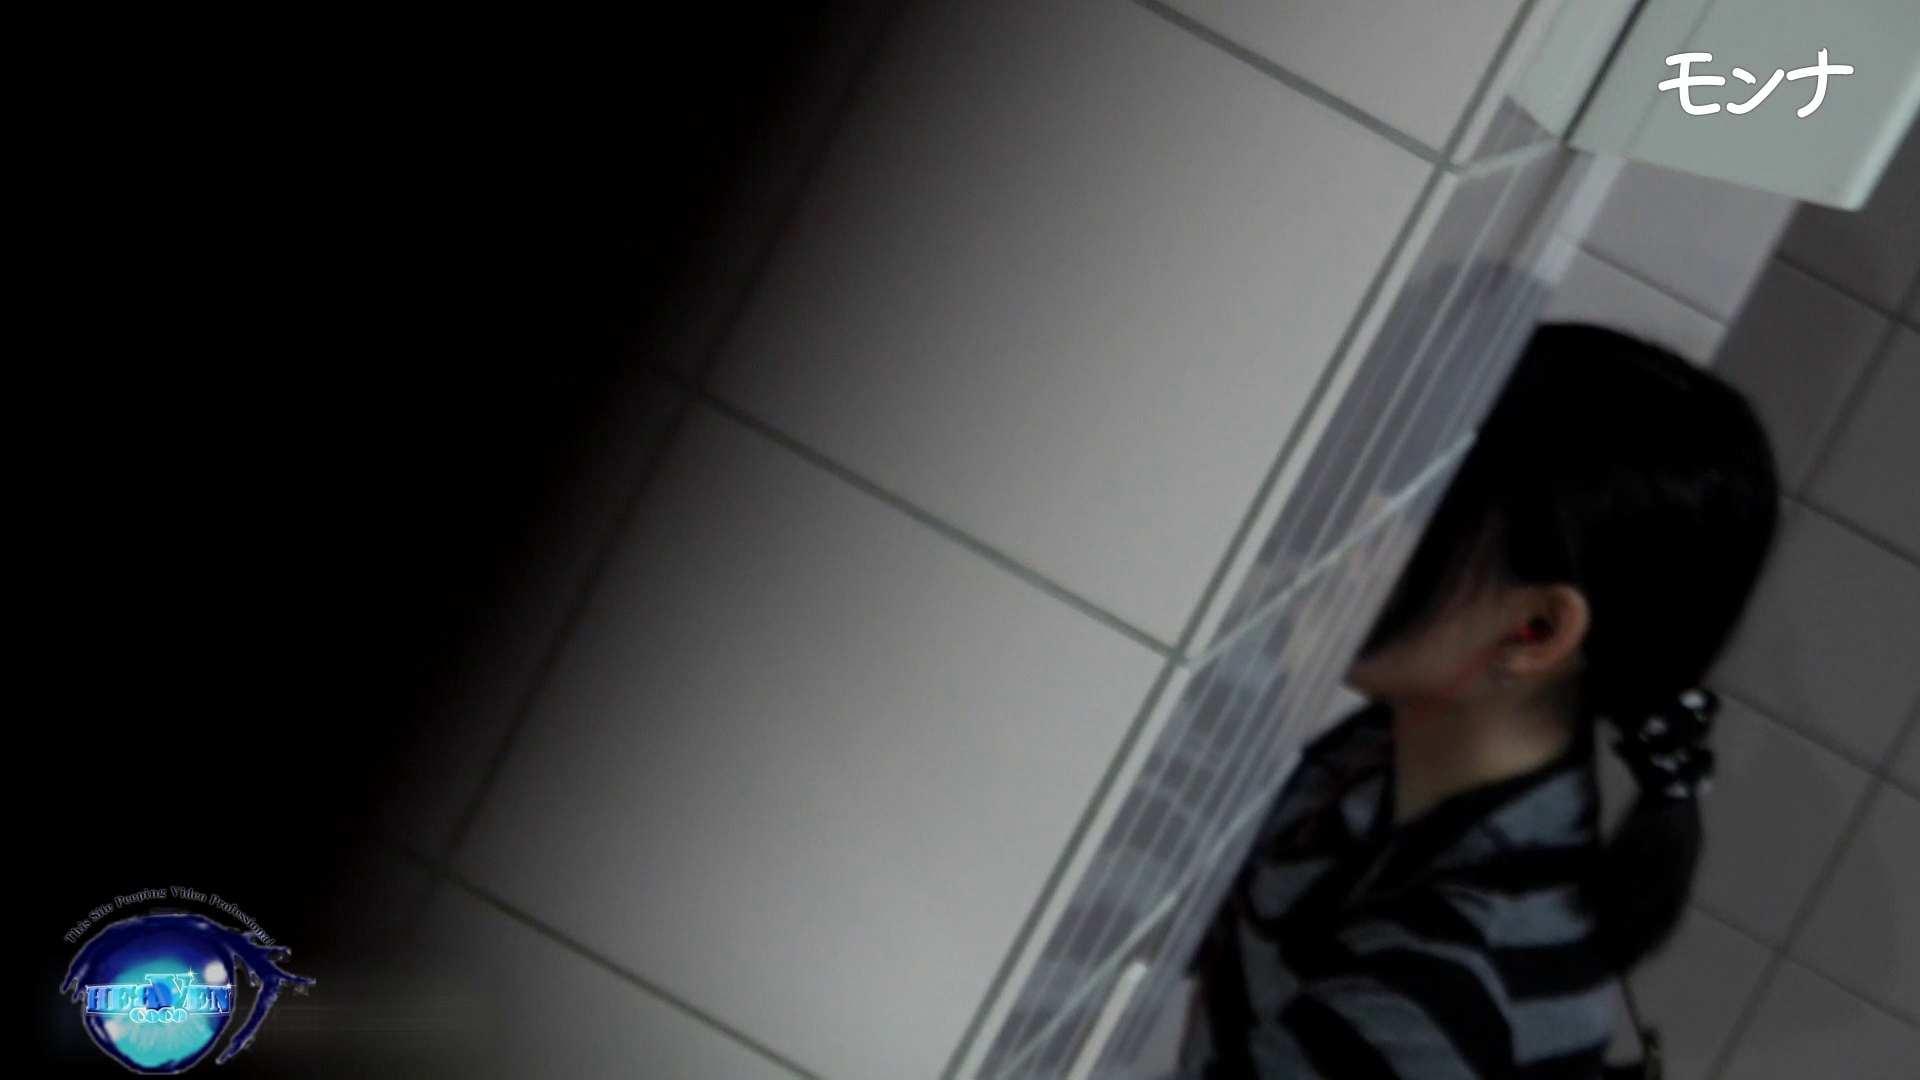 【美しい日本の未来】美しい日本の未来 No.79ロケ地変更、新アングル おまんこ大好き | 盗撮動画  9枚 5